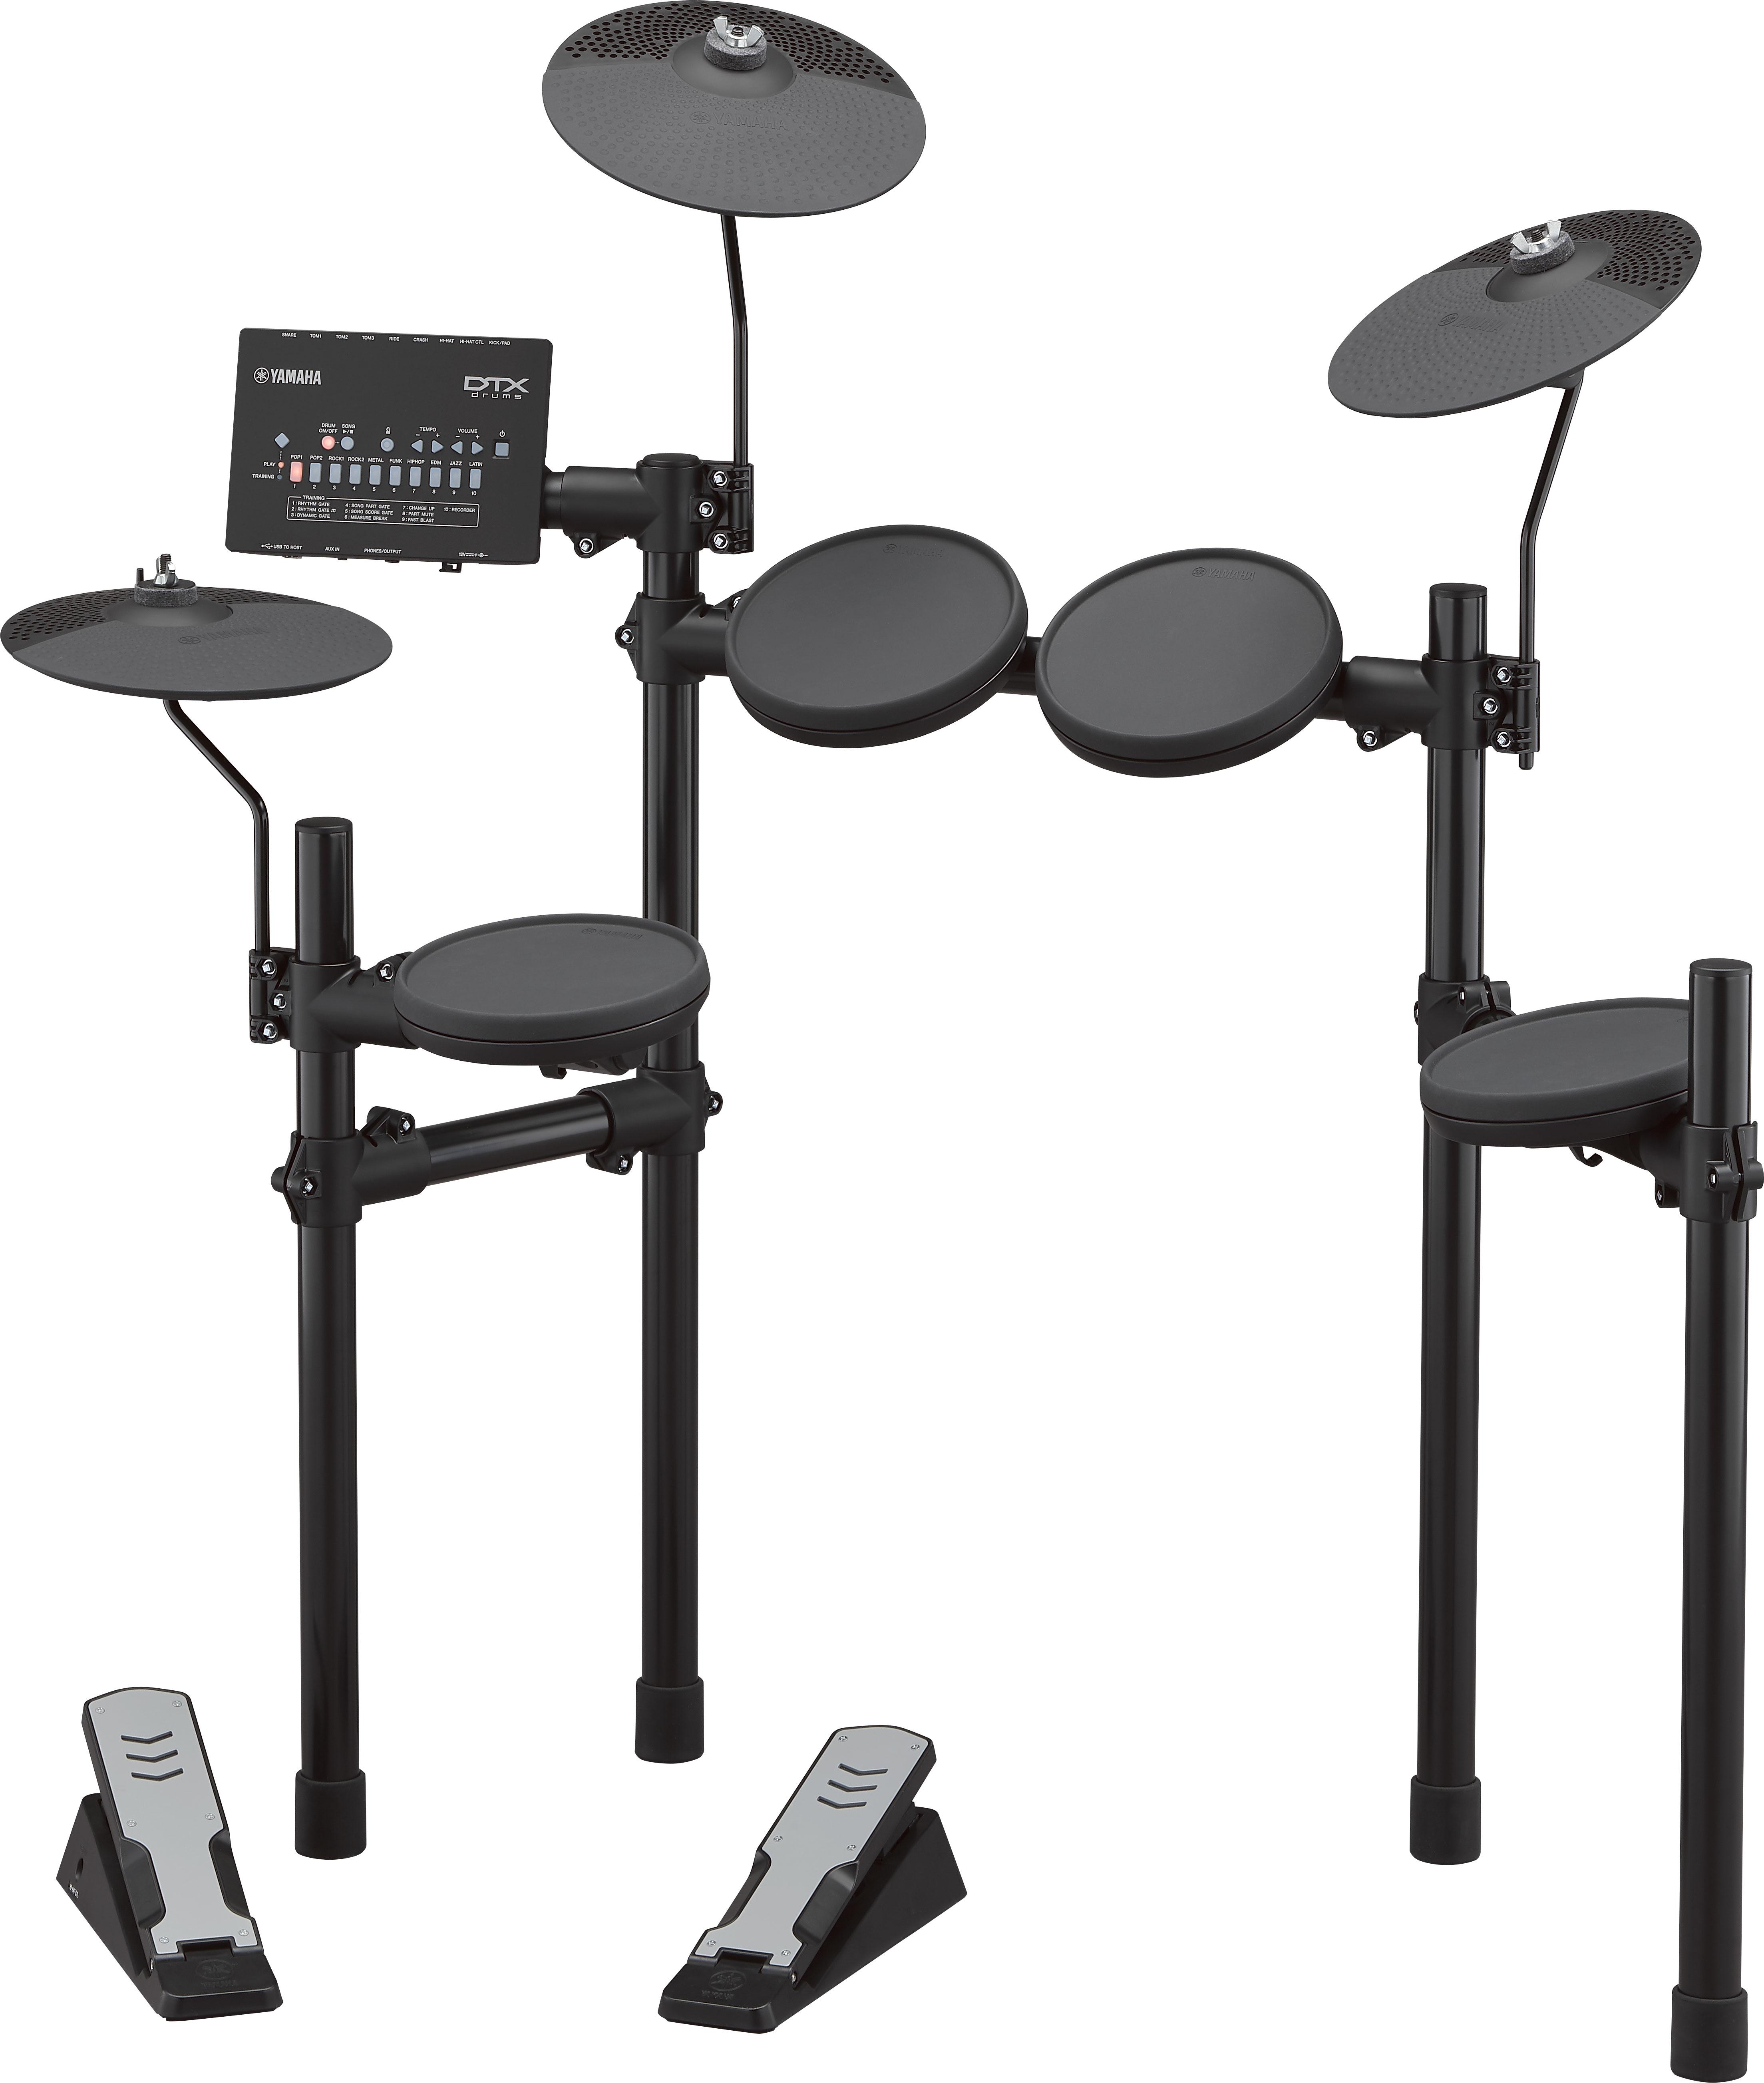 News: Yamaha stellt elektronische Schlagzeuge der DTX402 Serie vor